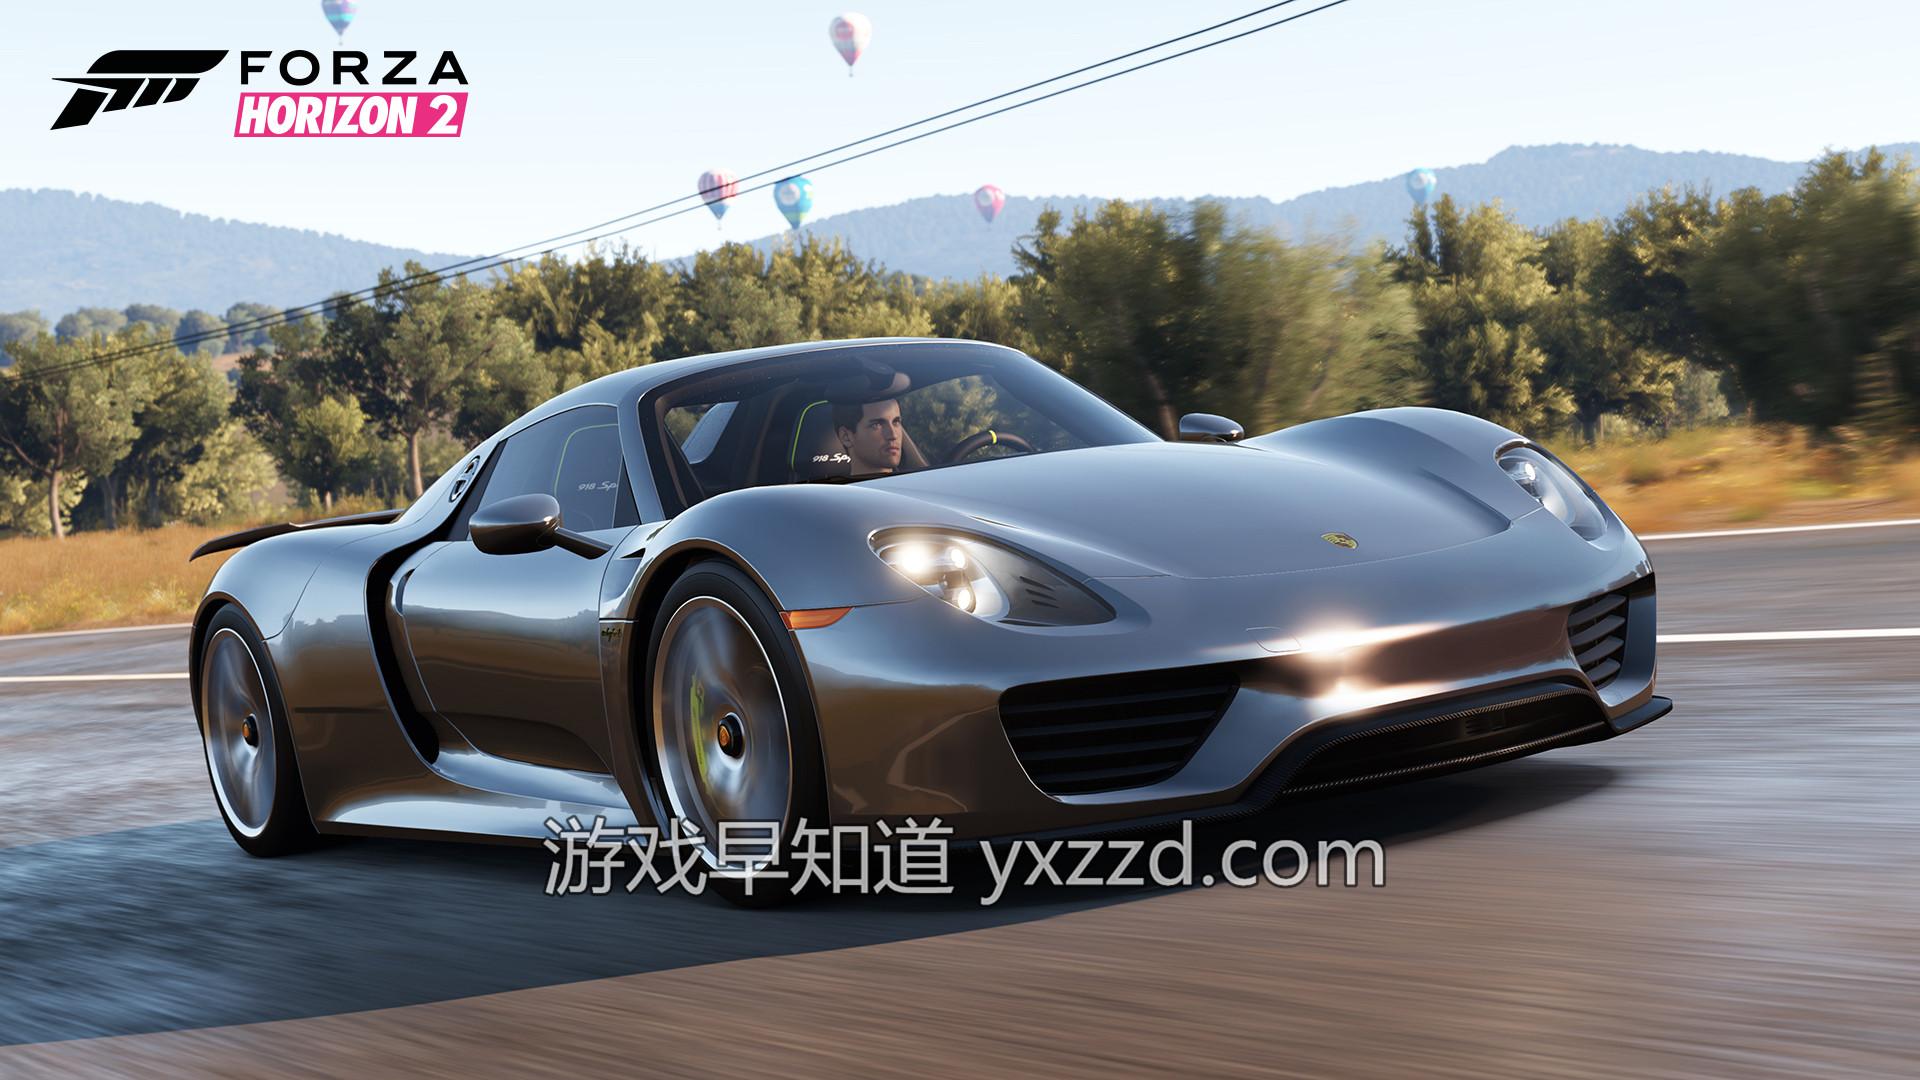 极限竞速地平线2 Forza Horizon 2